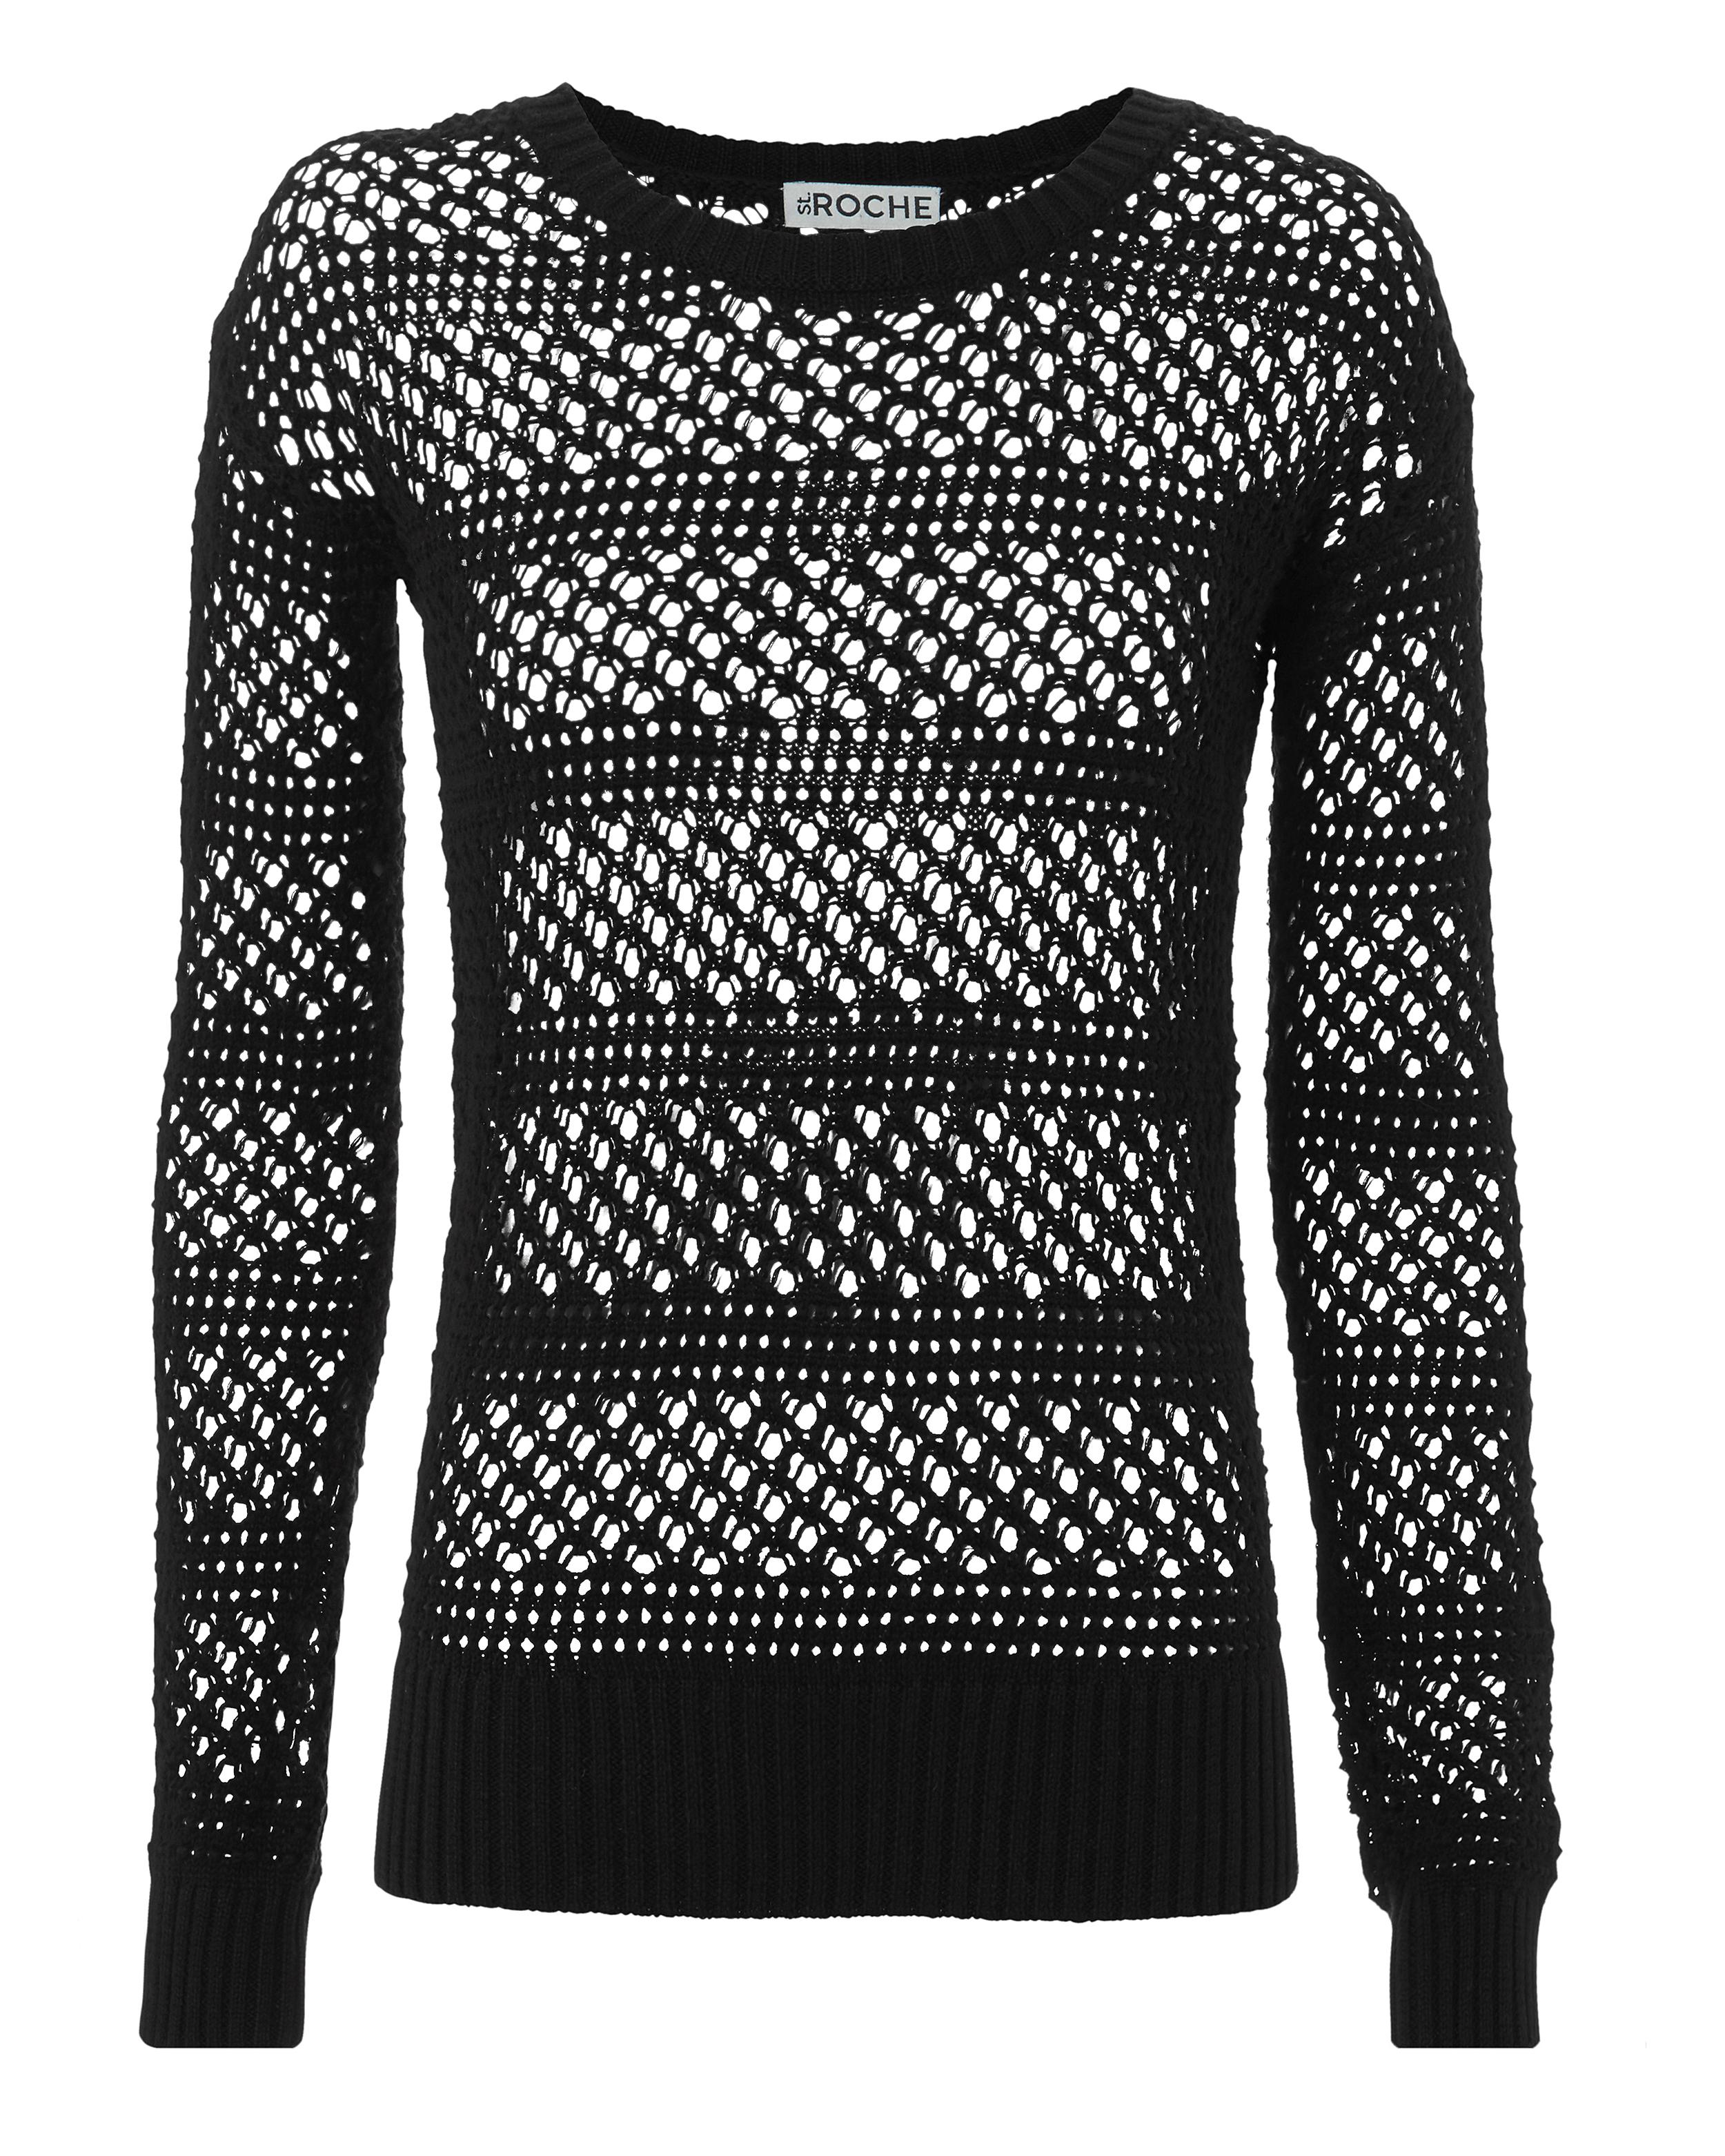 ST. ROCHE Natalia Open Knit Sweater